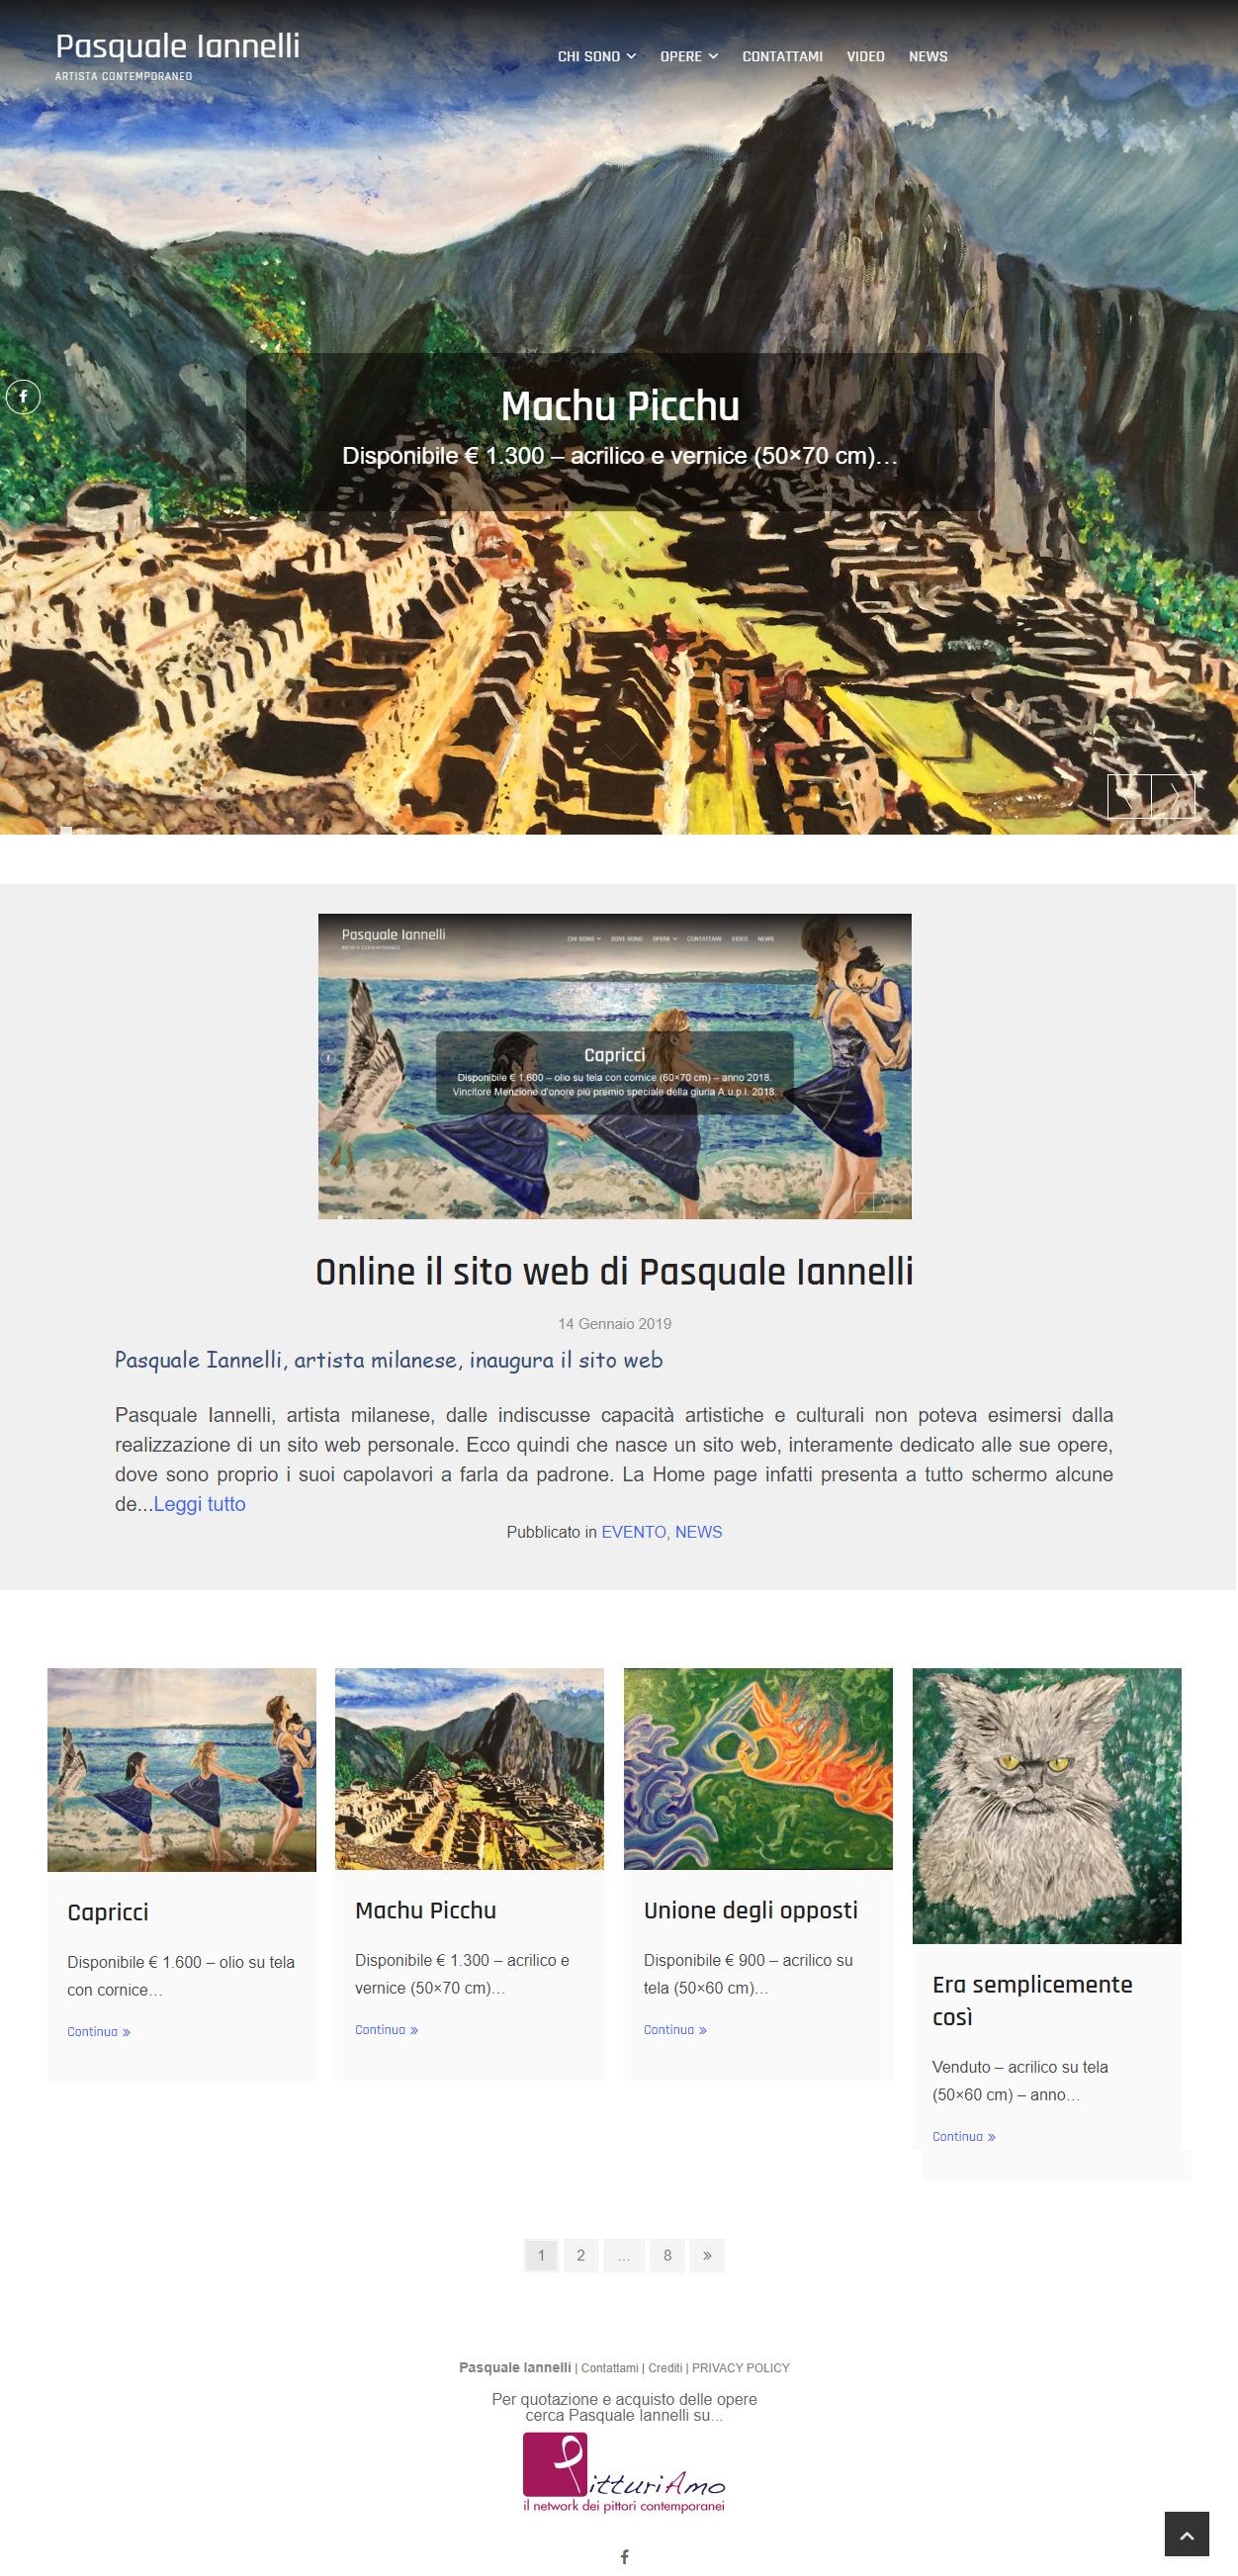 Homepage del sito web d'artista di Pasquale Iannelli, Maestro di PitturiAmo©